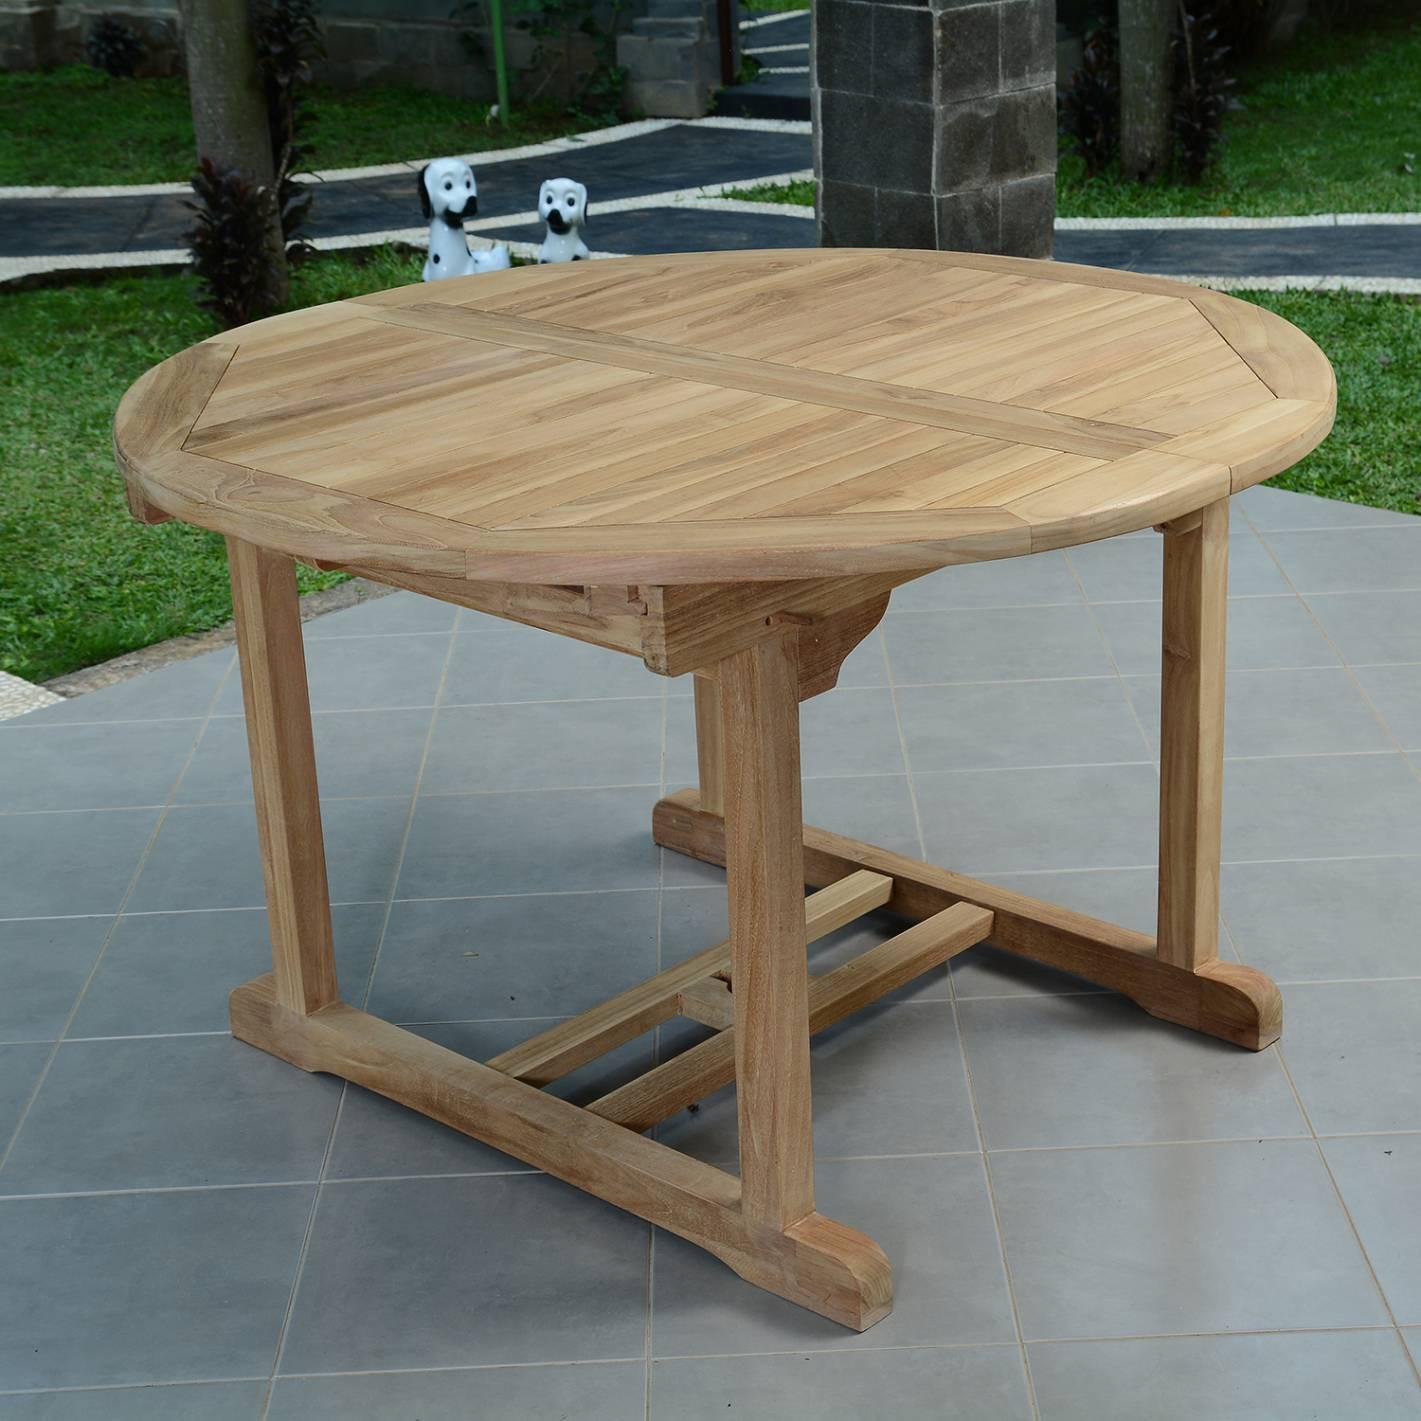 Table De Jardin En Teck Salon De Jardin En Teck Ecograde© Wesport Table Ronde